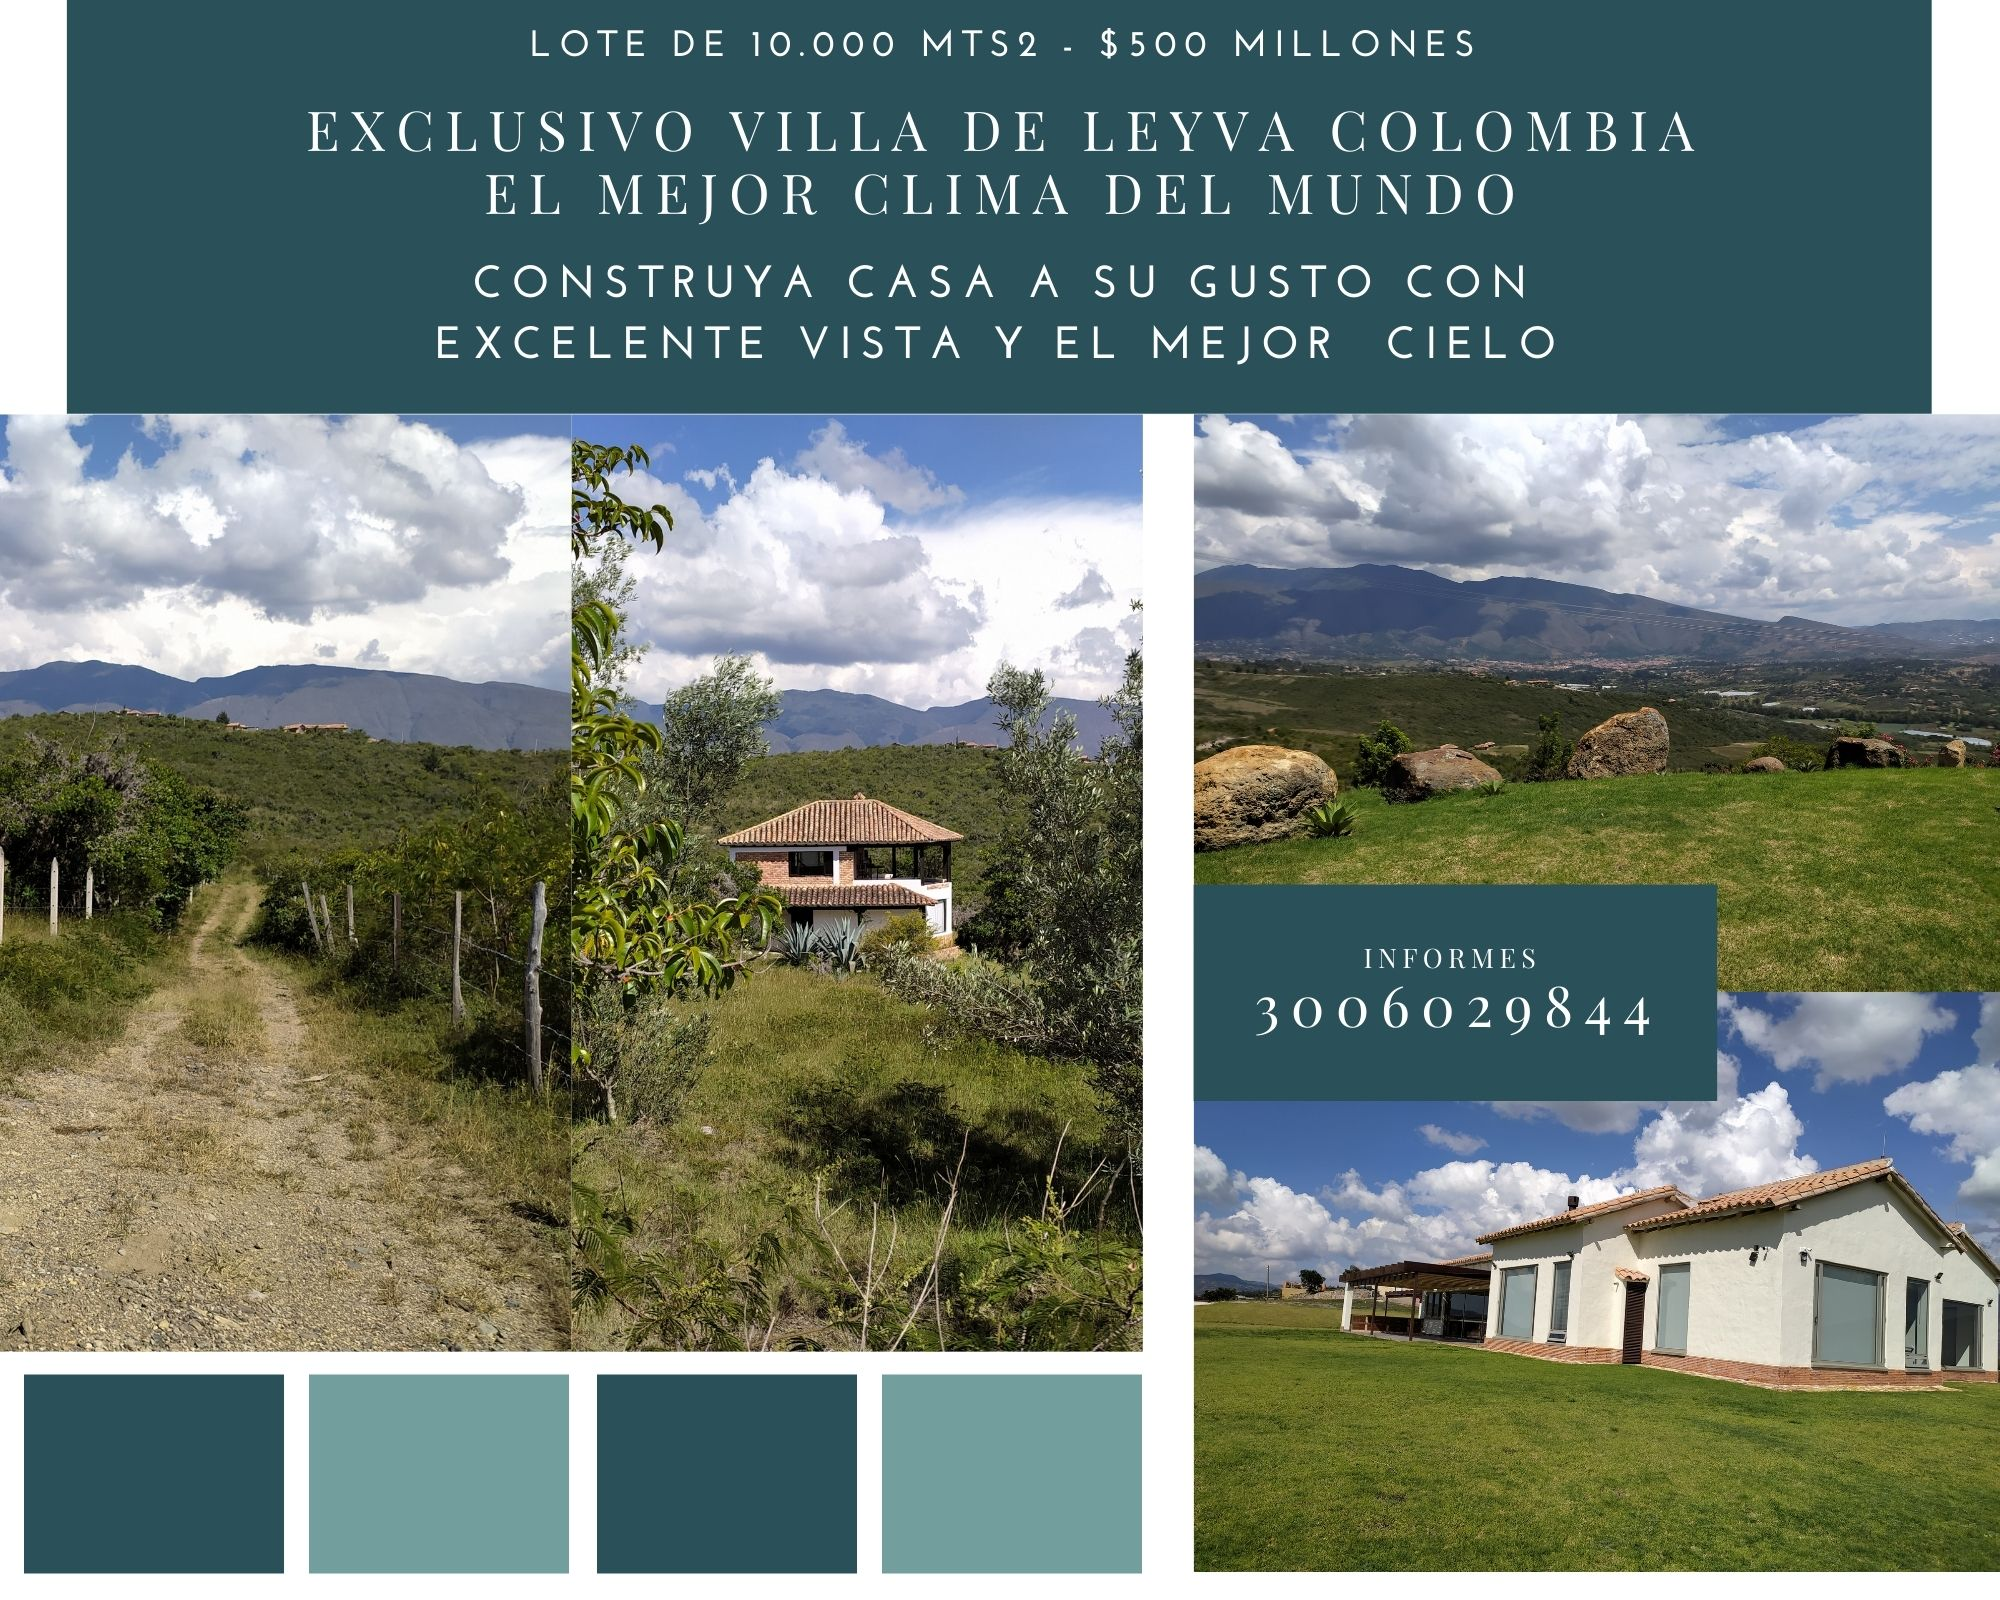 Lote en Villa de Leyva